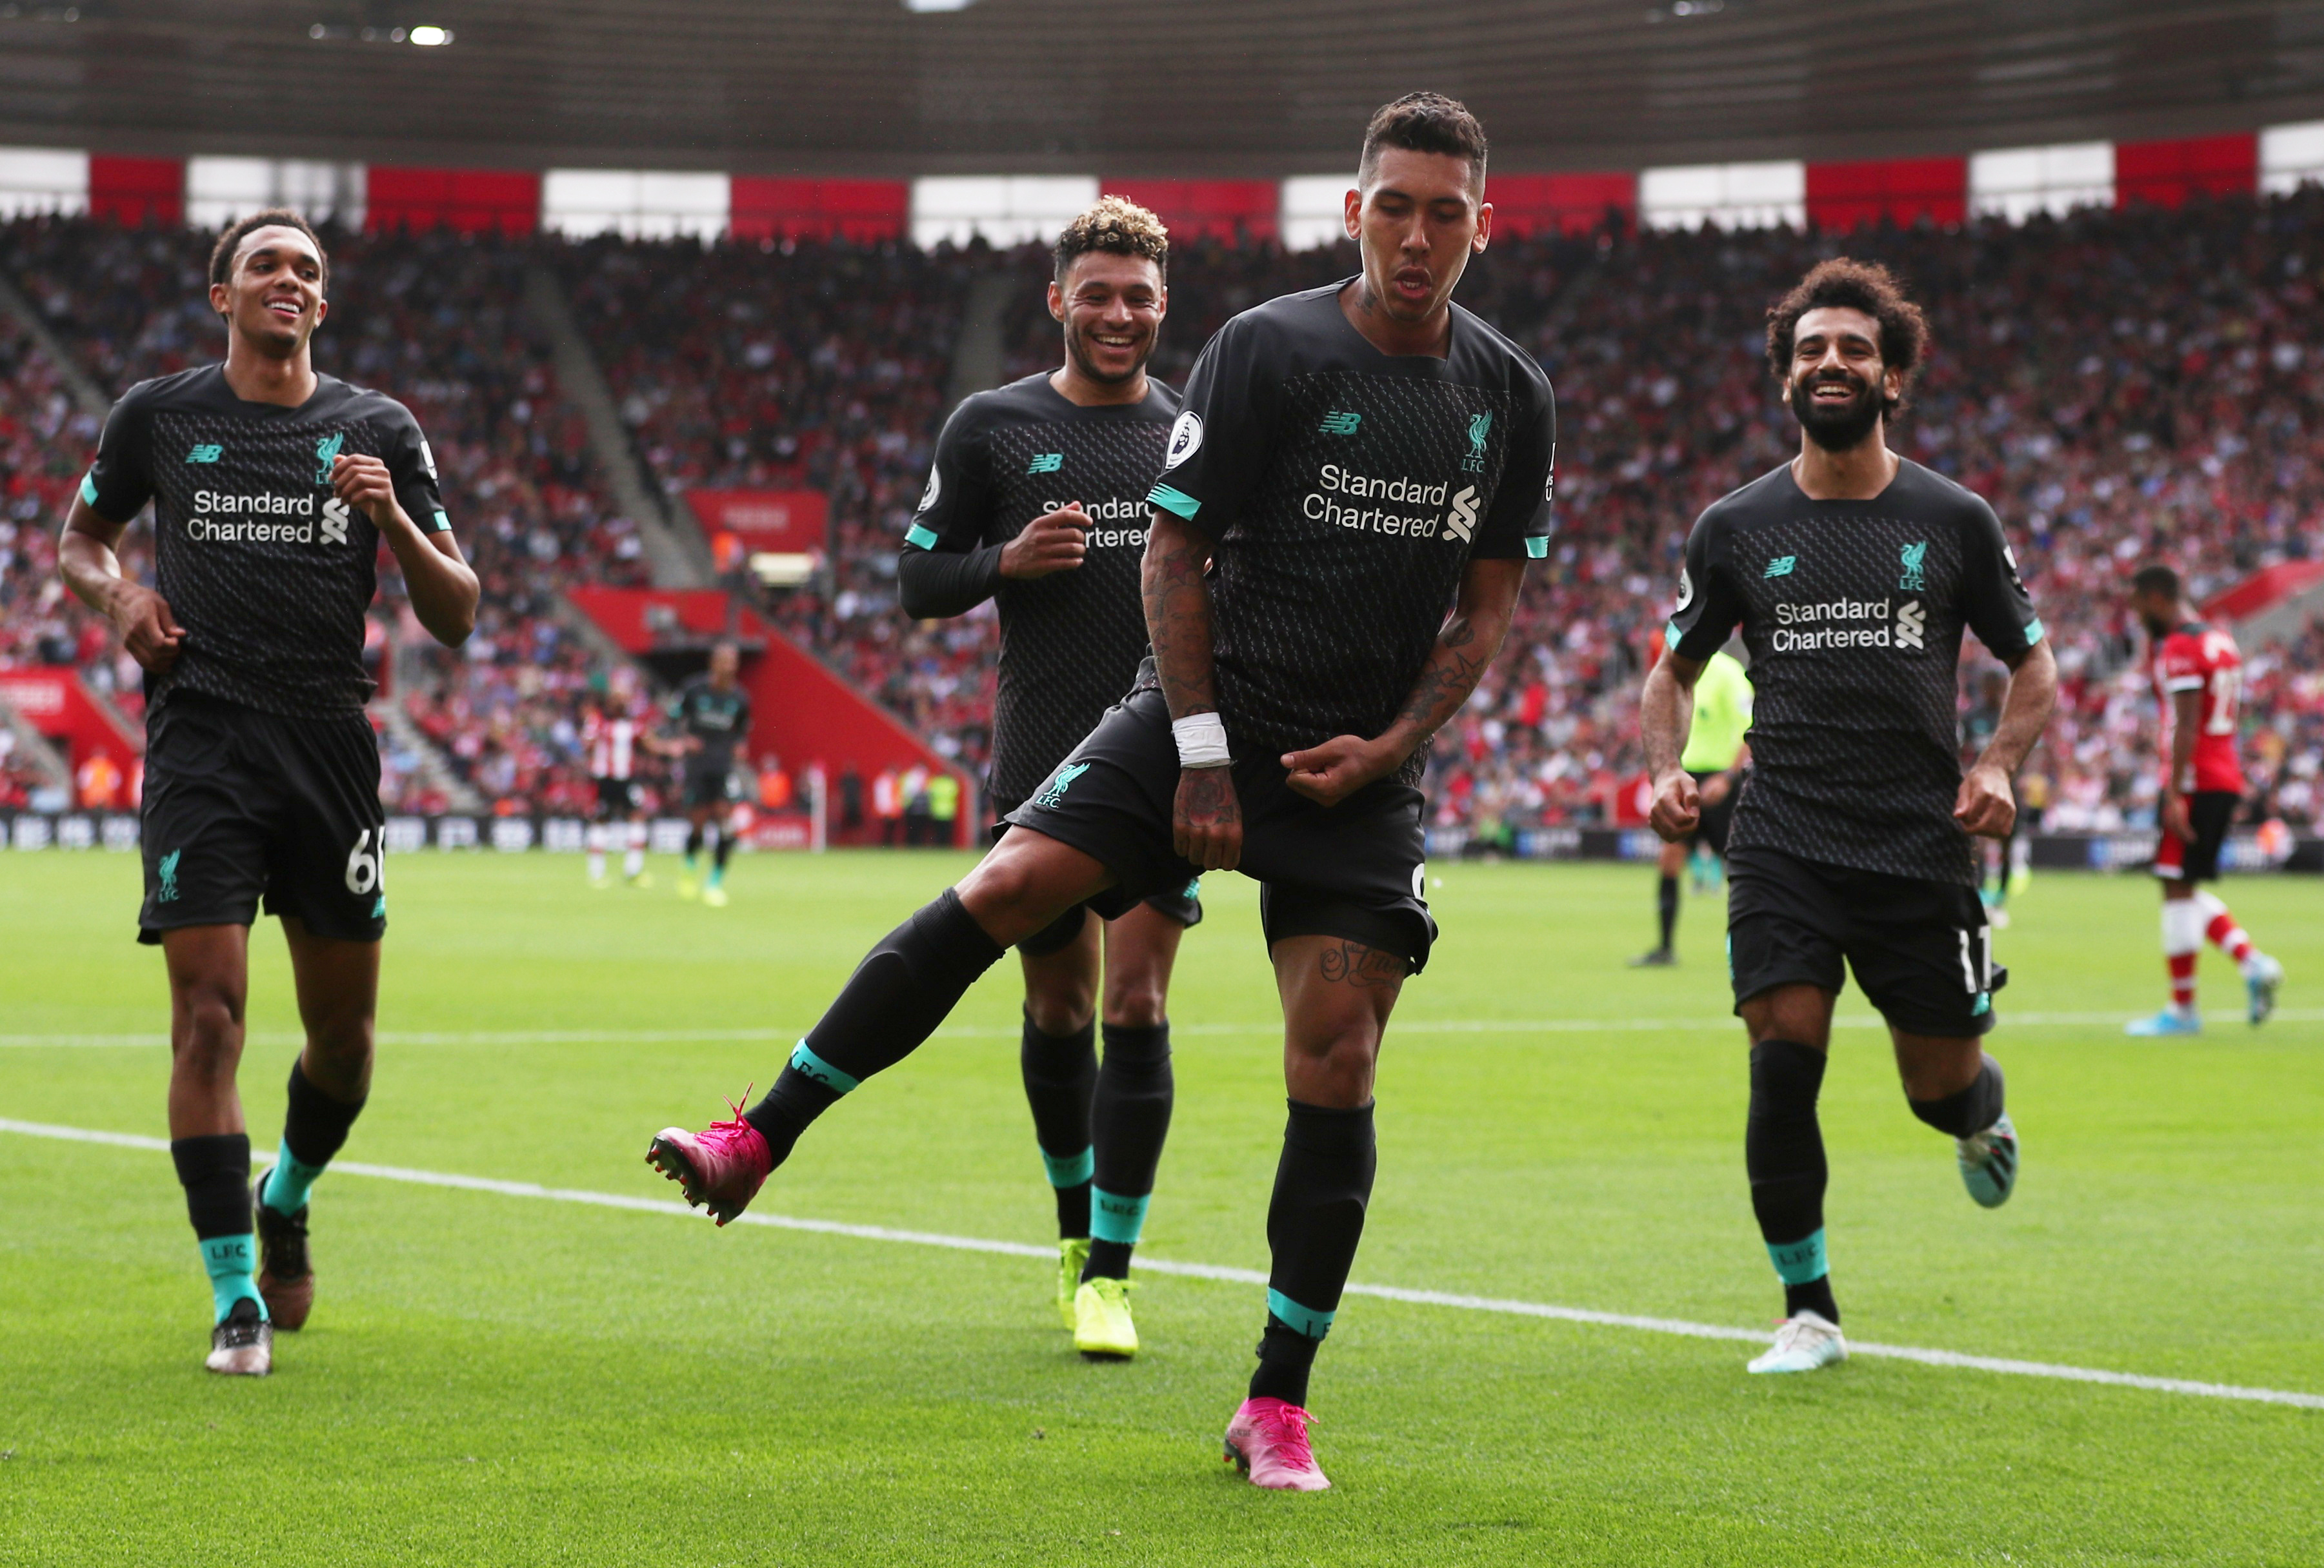 ليفربول يواصل انتصاراته والتربع على قمة الدوري الإنجليزي